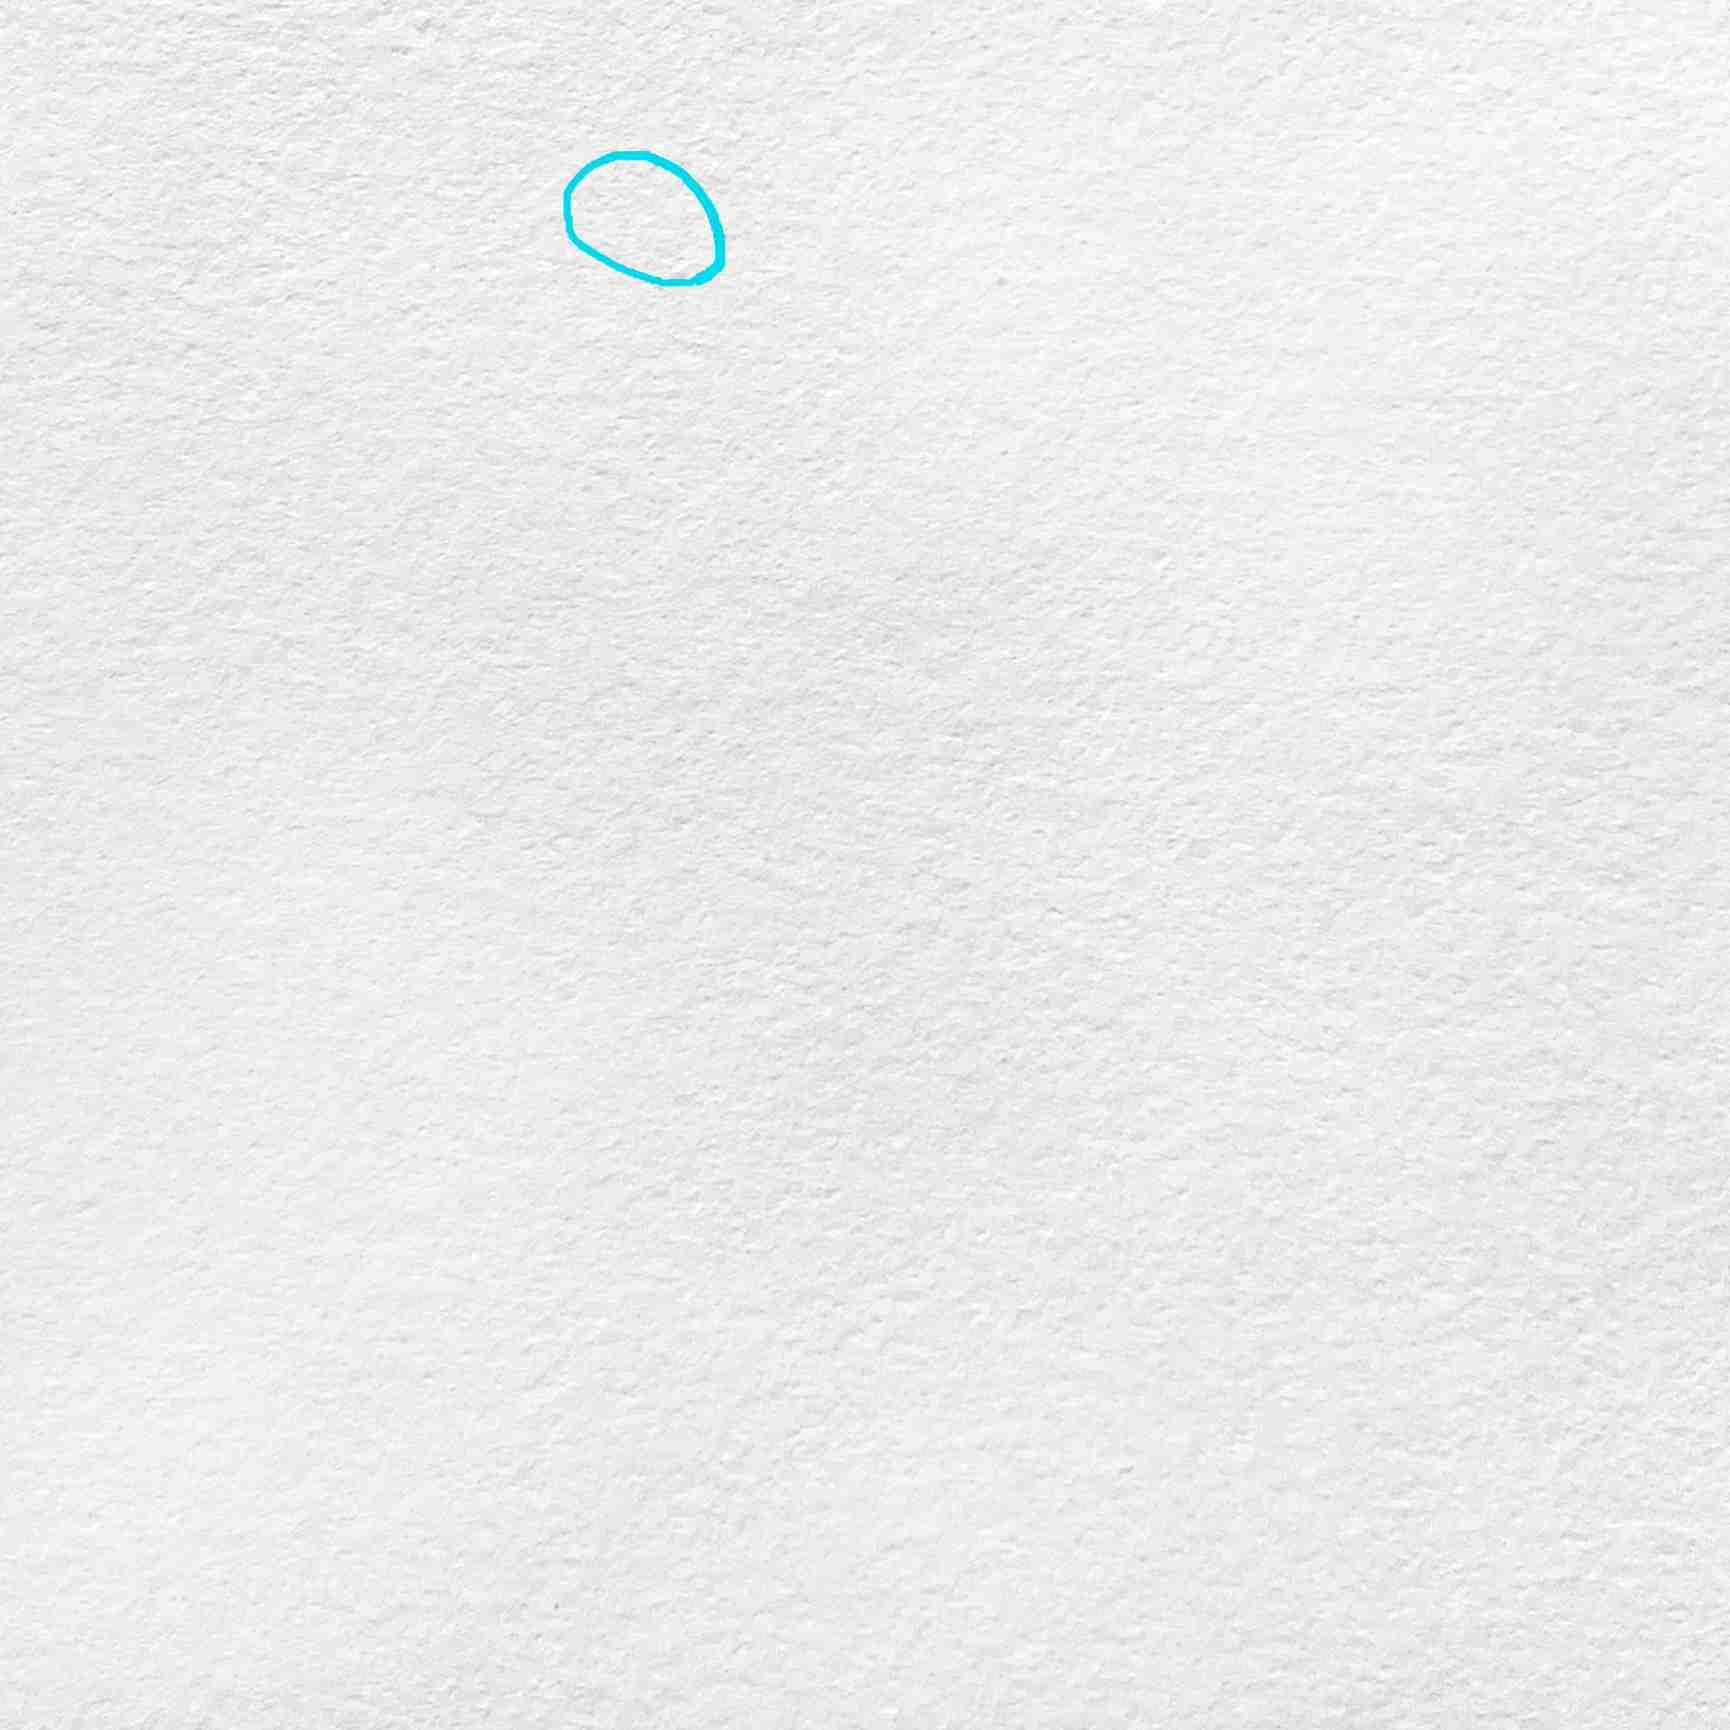 How To Draw A Crane: Step 1